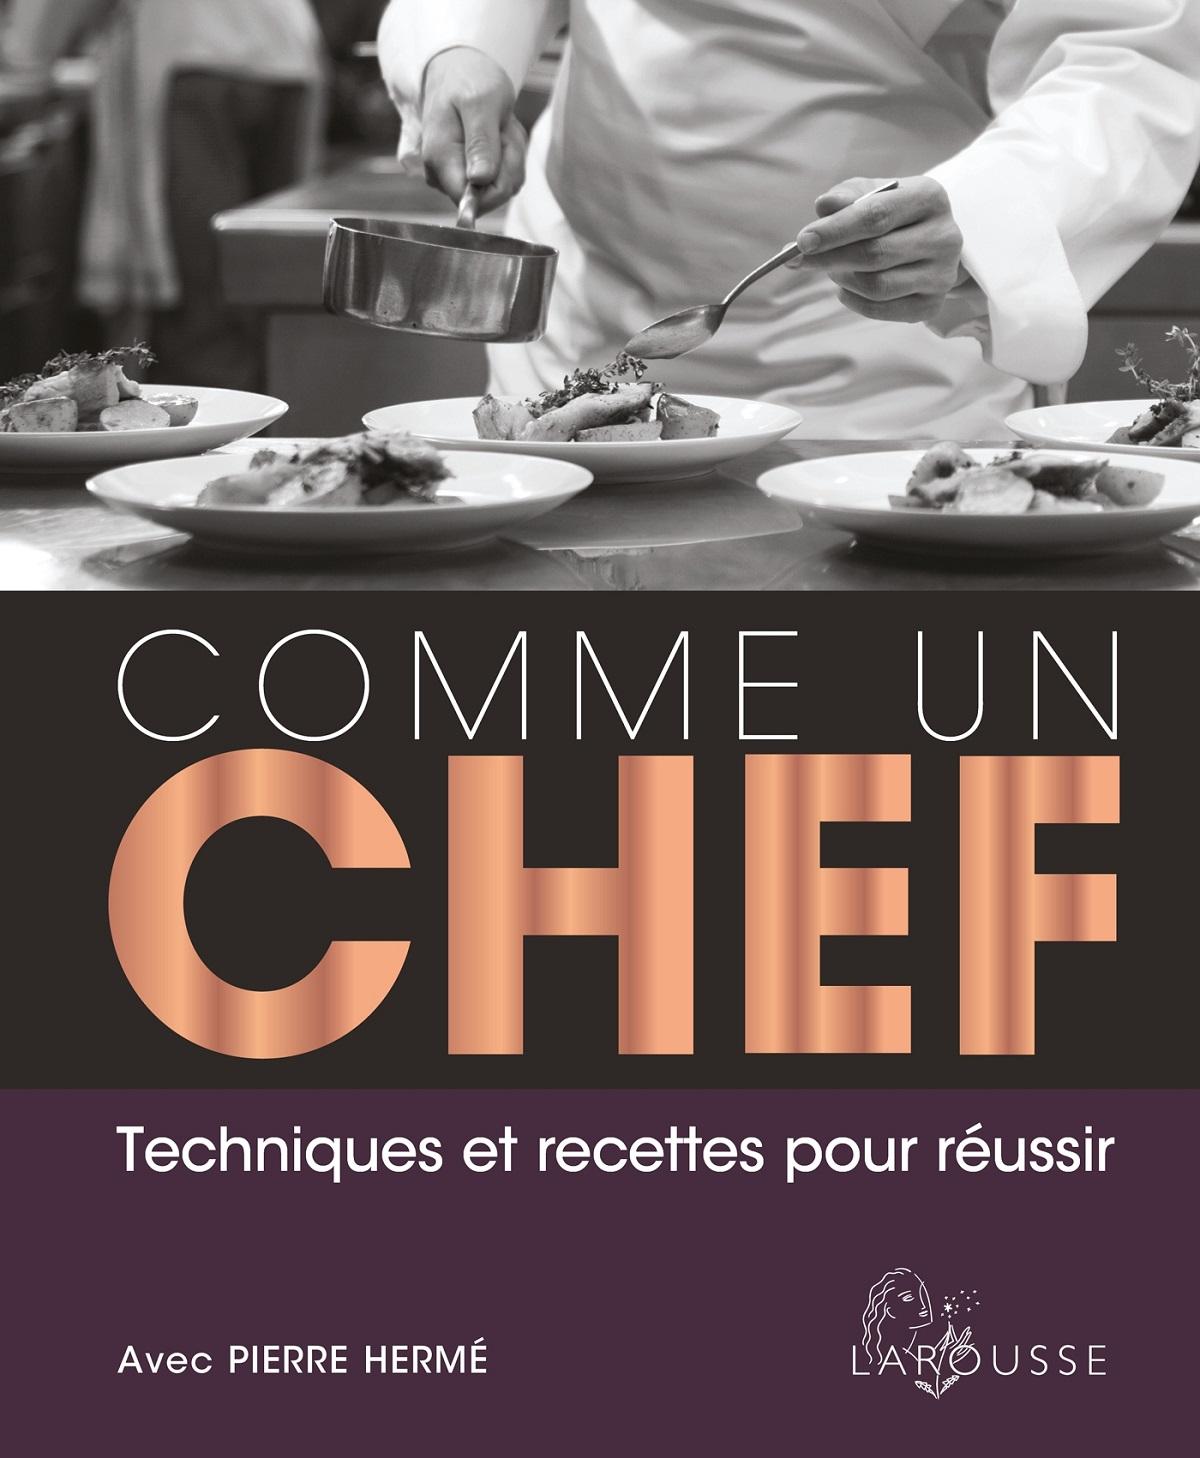 Comme un chef la nouvelle bible culinaire edition larousse cuisine - Edition larousse cuisine ...